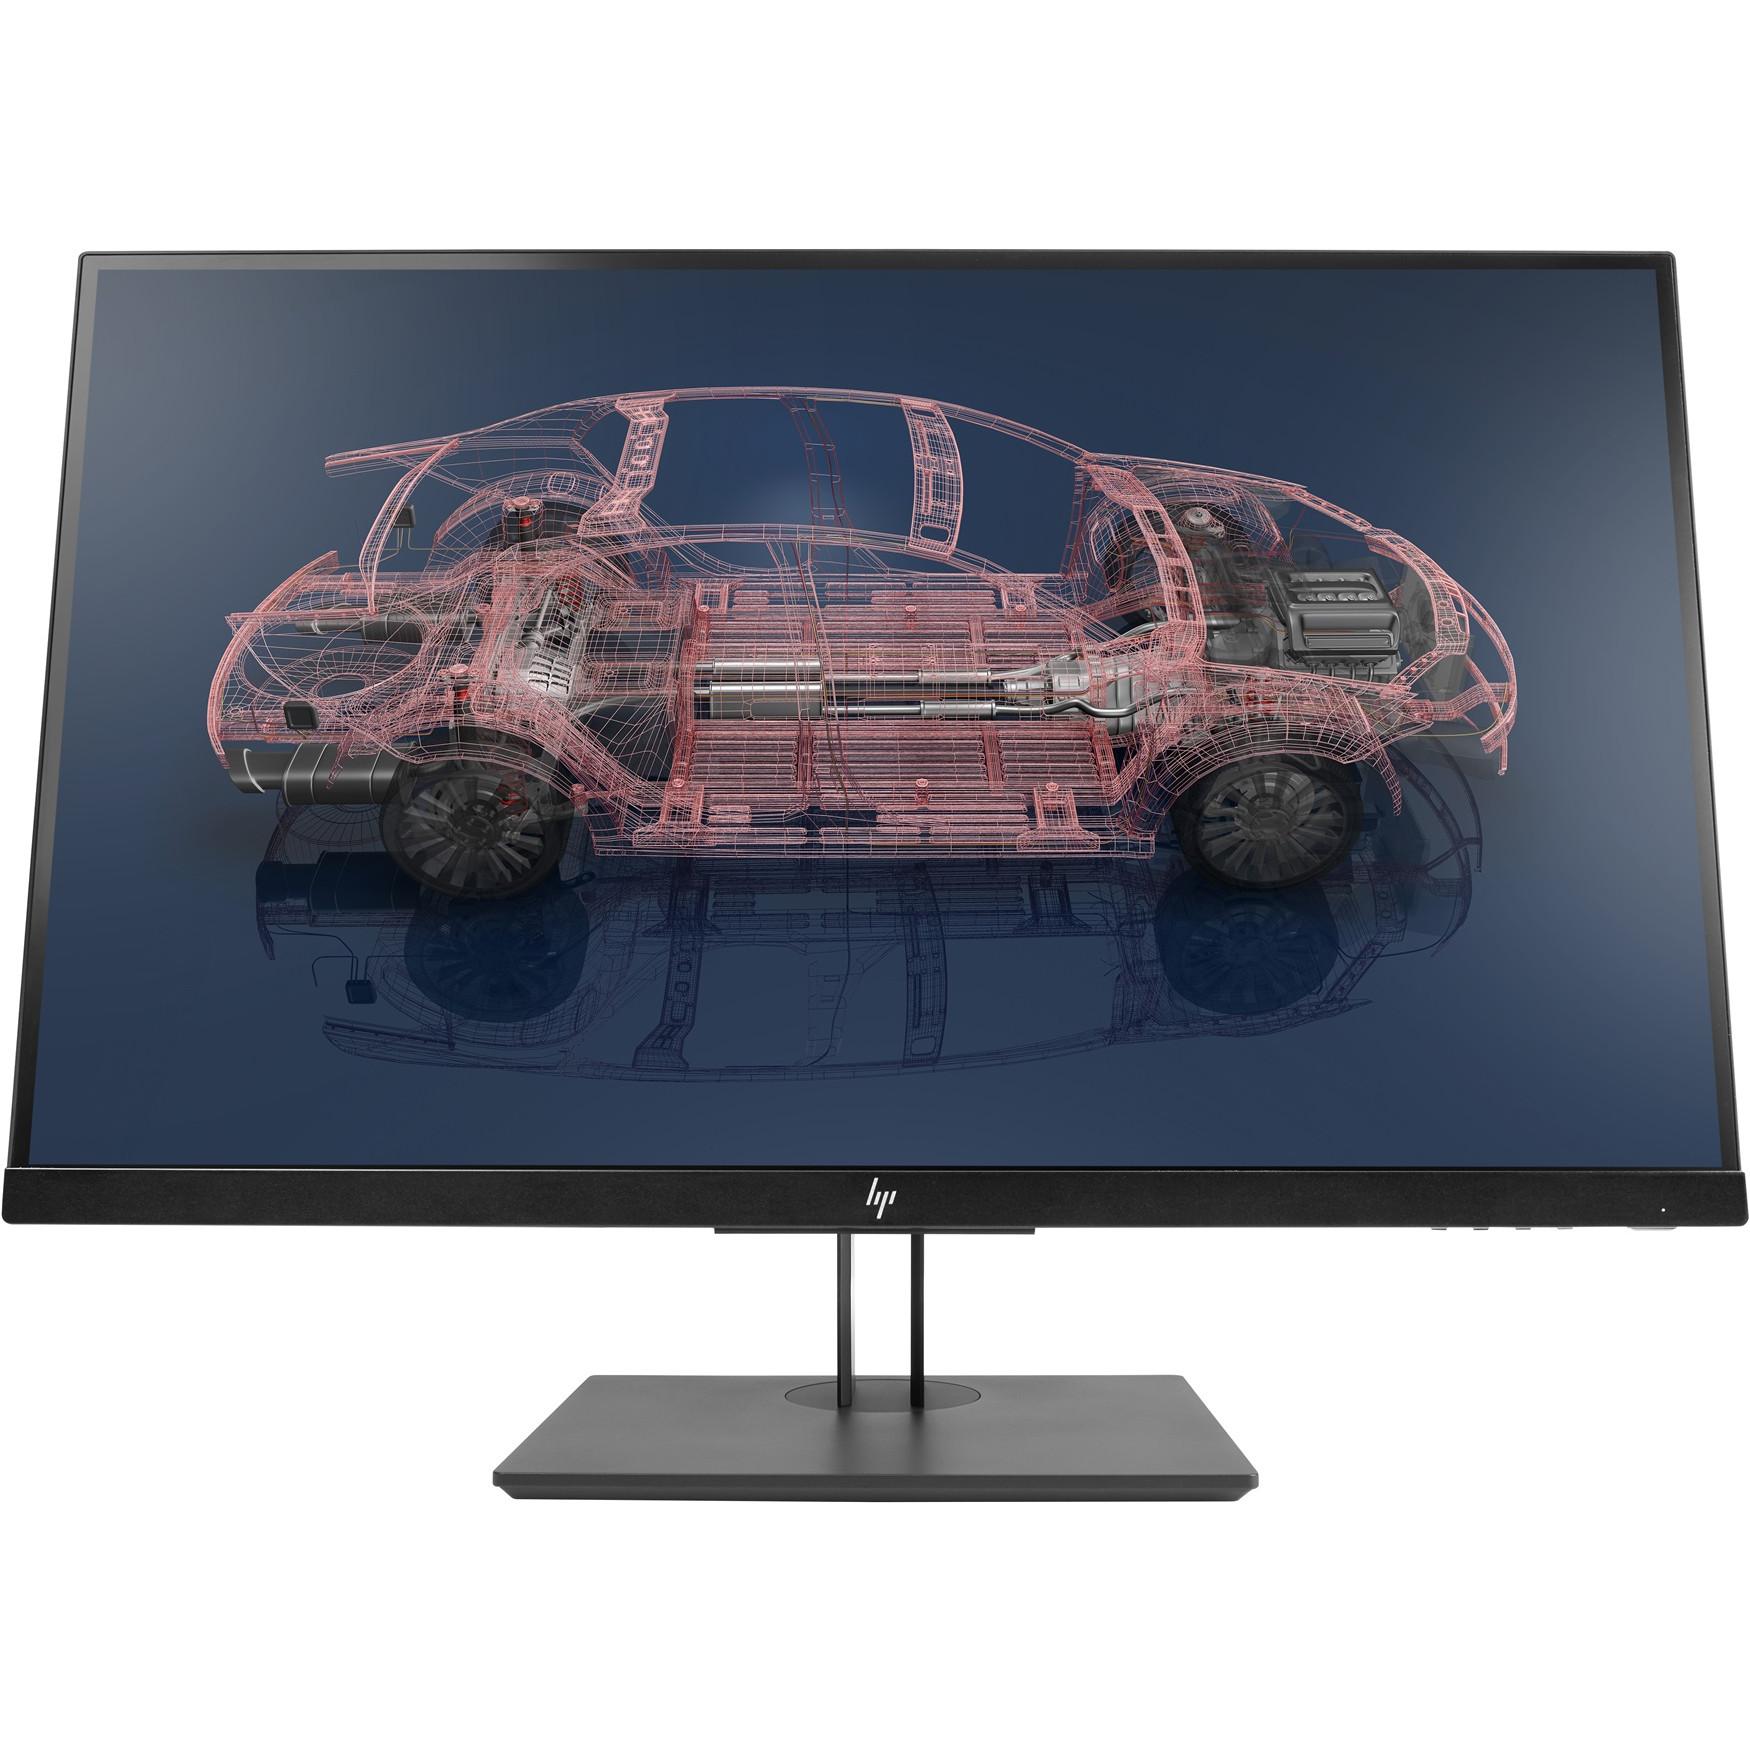 Màn hình máy tính HP Z27n G2 27-inch Display - Hàng Chính Hãng